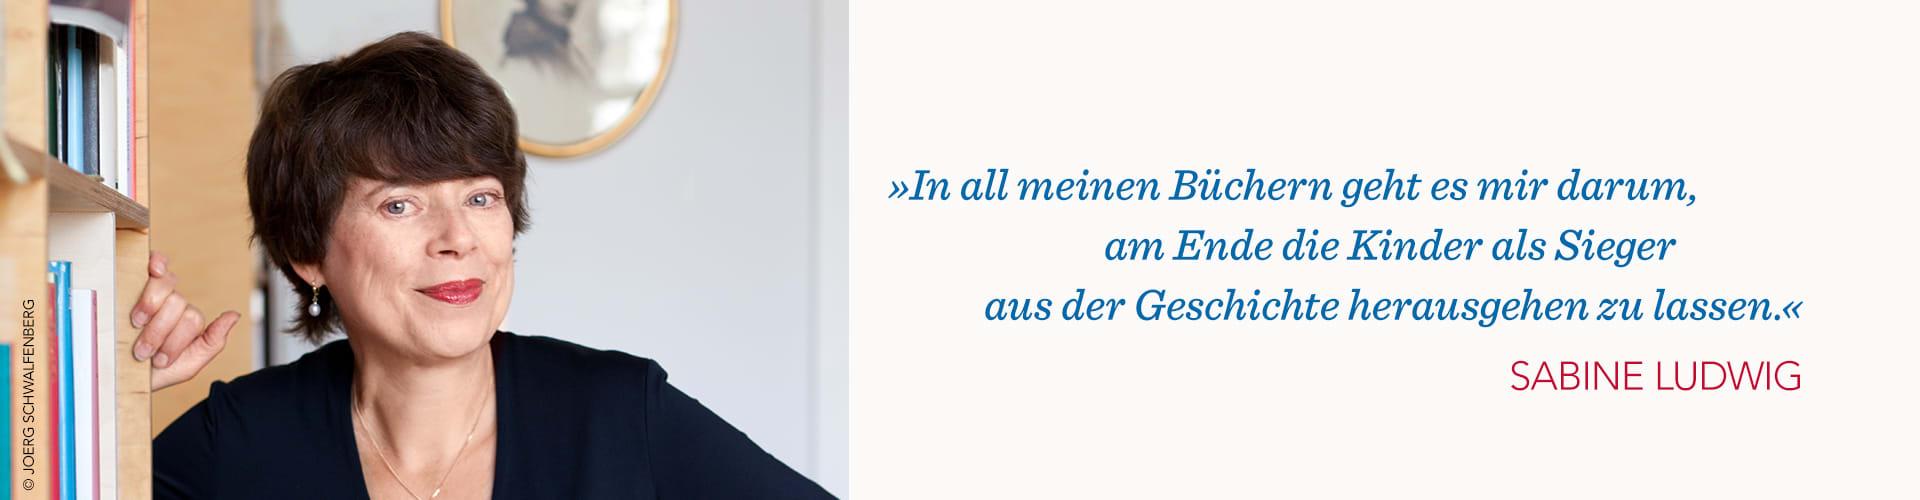 Sabine Ludwig Portrait und Zitat